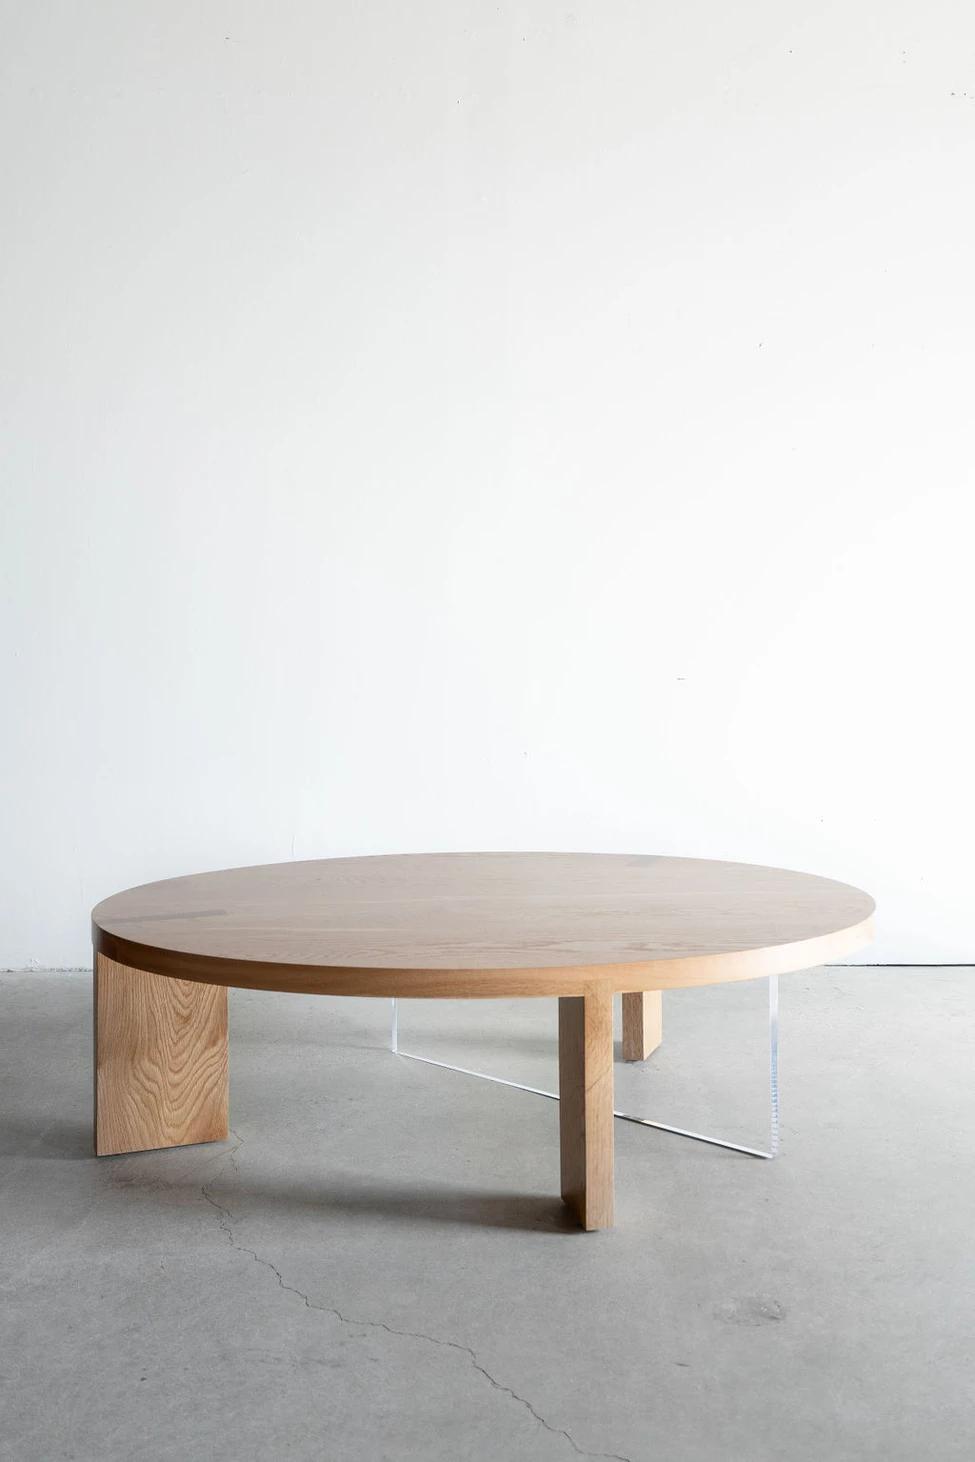 Pin By Srishti Mokha On Furniture Coffee Table Coffee Table Design Unique Coffee Table [ 1462 x 975 Pixel ]